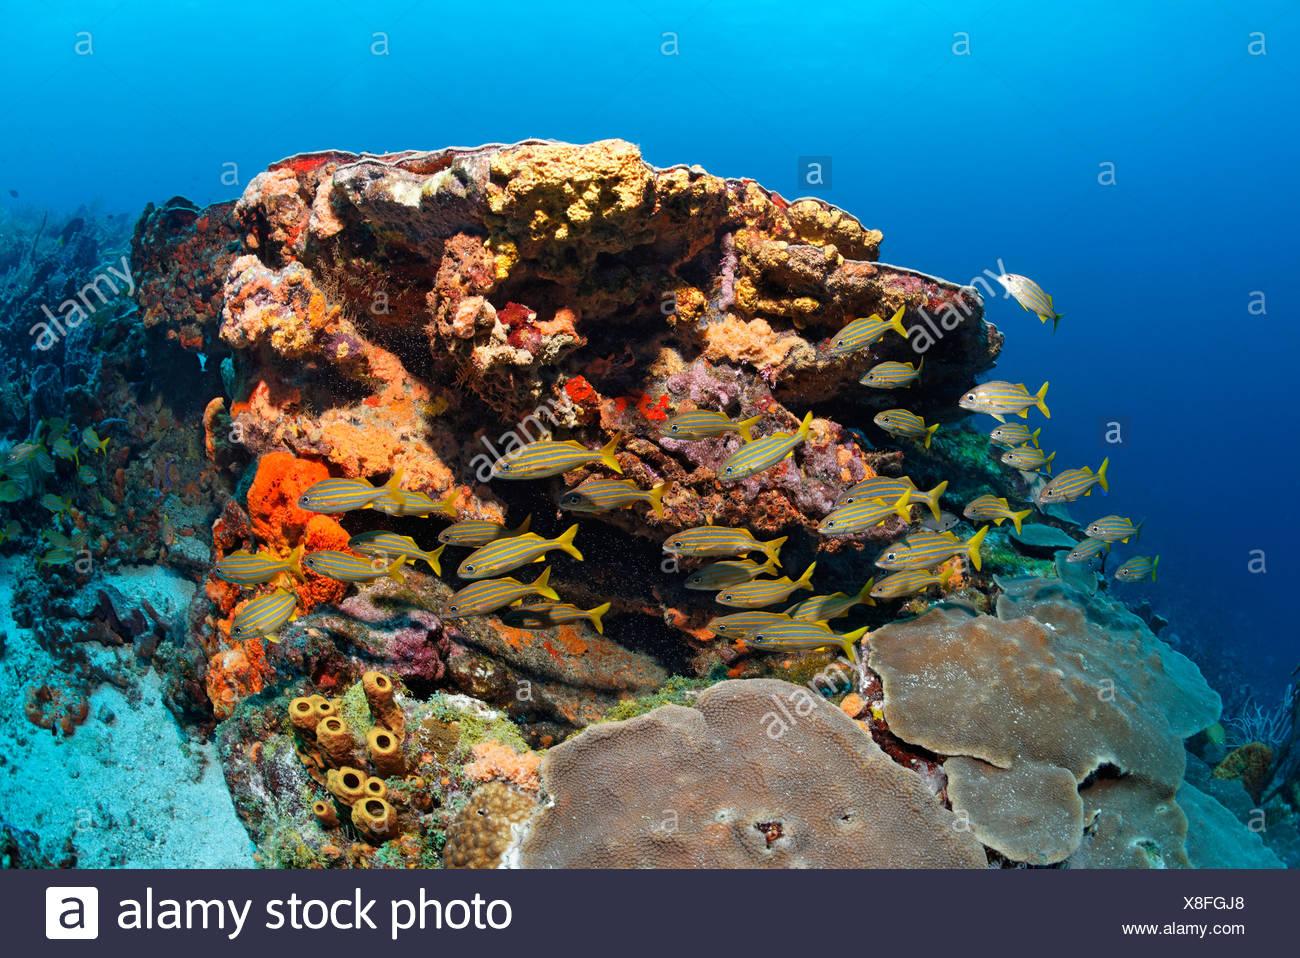 Coraux, poissons multicolores, éponges et coraux divers, de l'Achigan à petite bouche (grunt Johnrandallia chrysargyreum), Little Tobago, Speyside Banque D'Images